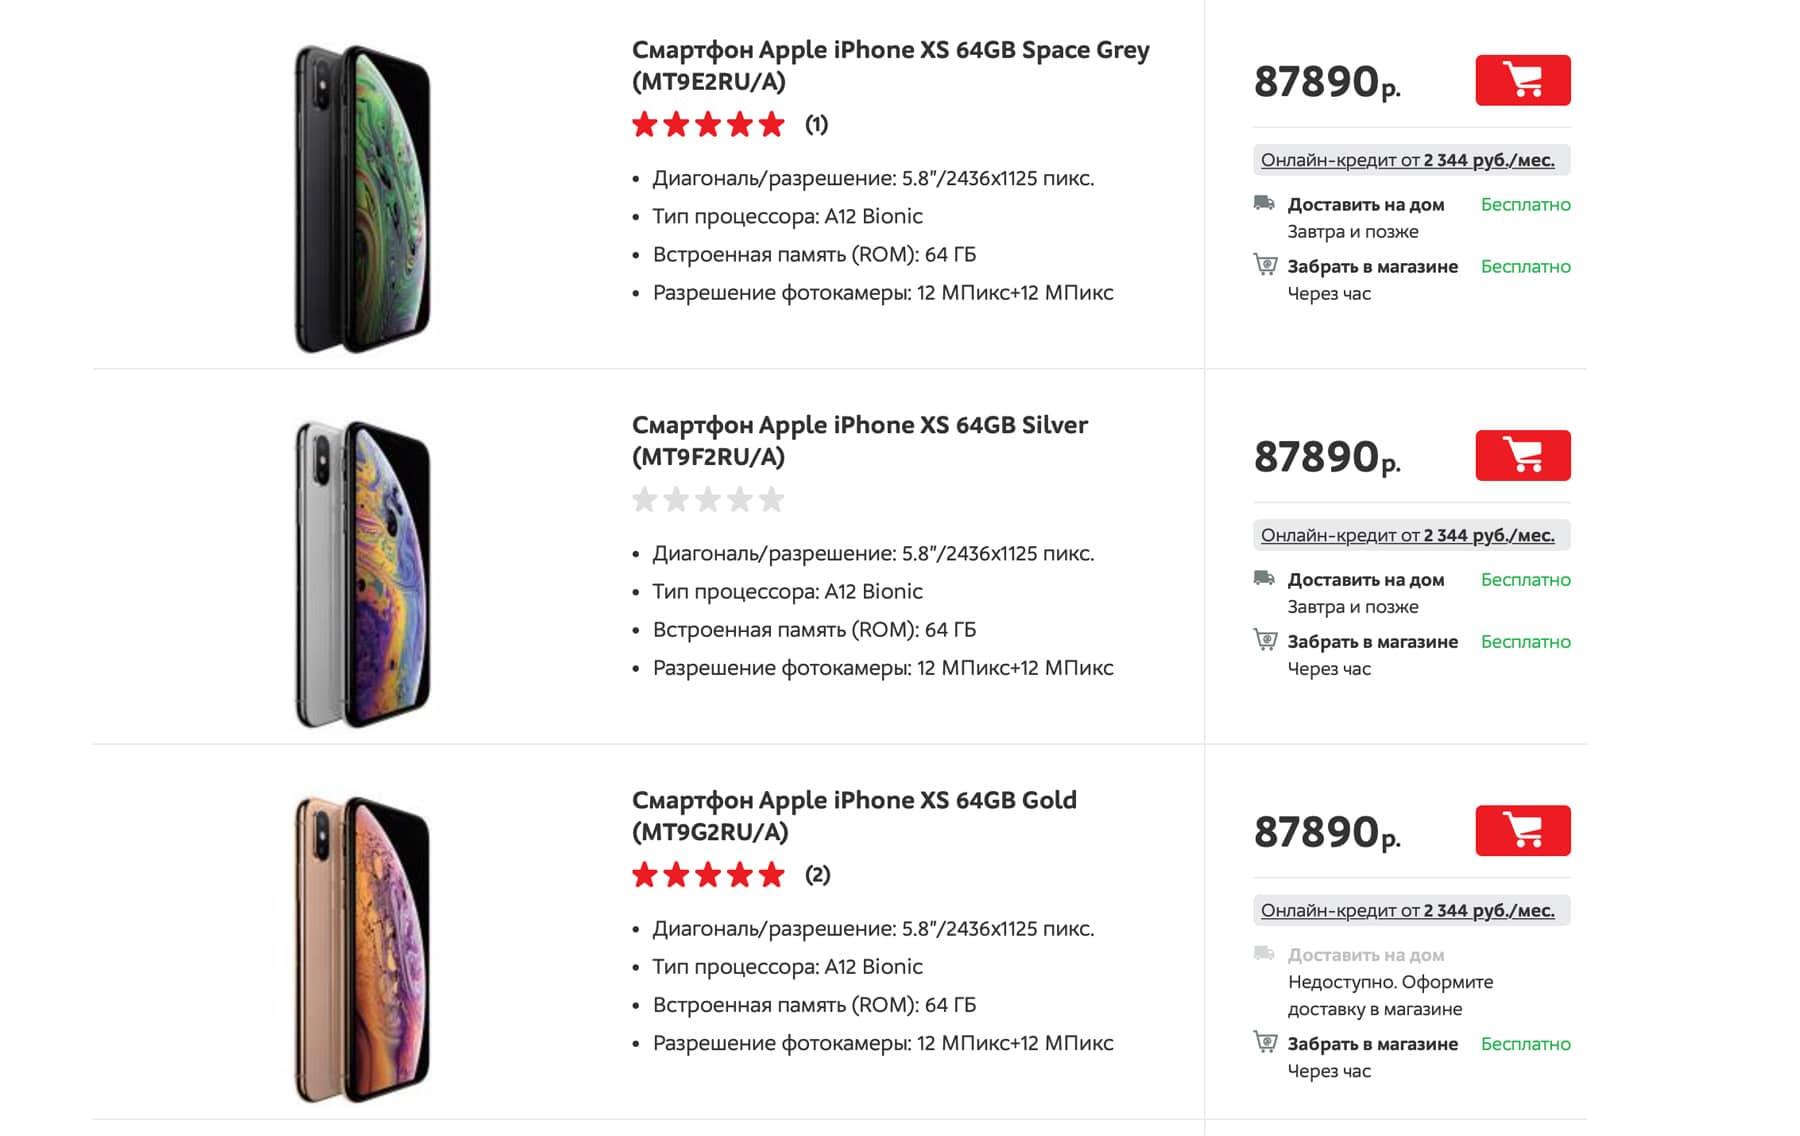 1 MVideo stoimost IPhone XS - Посещение Apple Store в Гонконге, или стоит ли ехать в Гонконг за новыми iPhone?